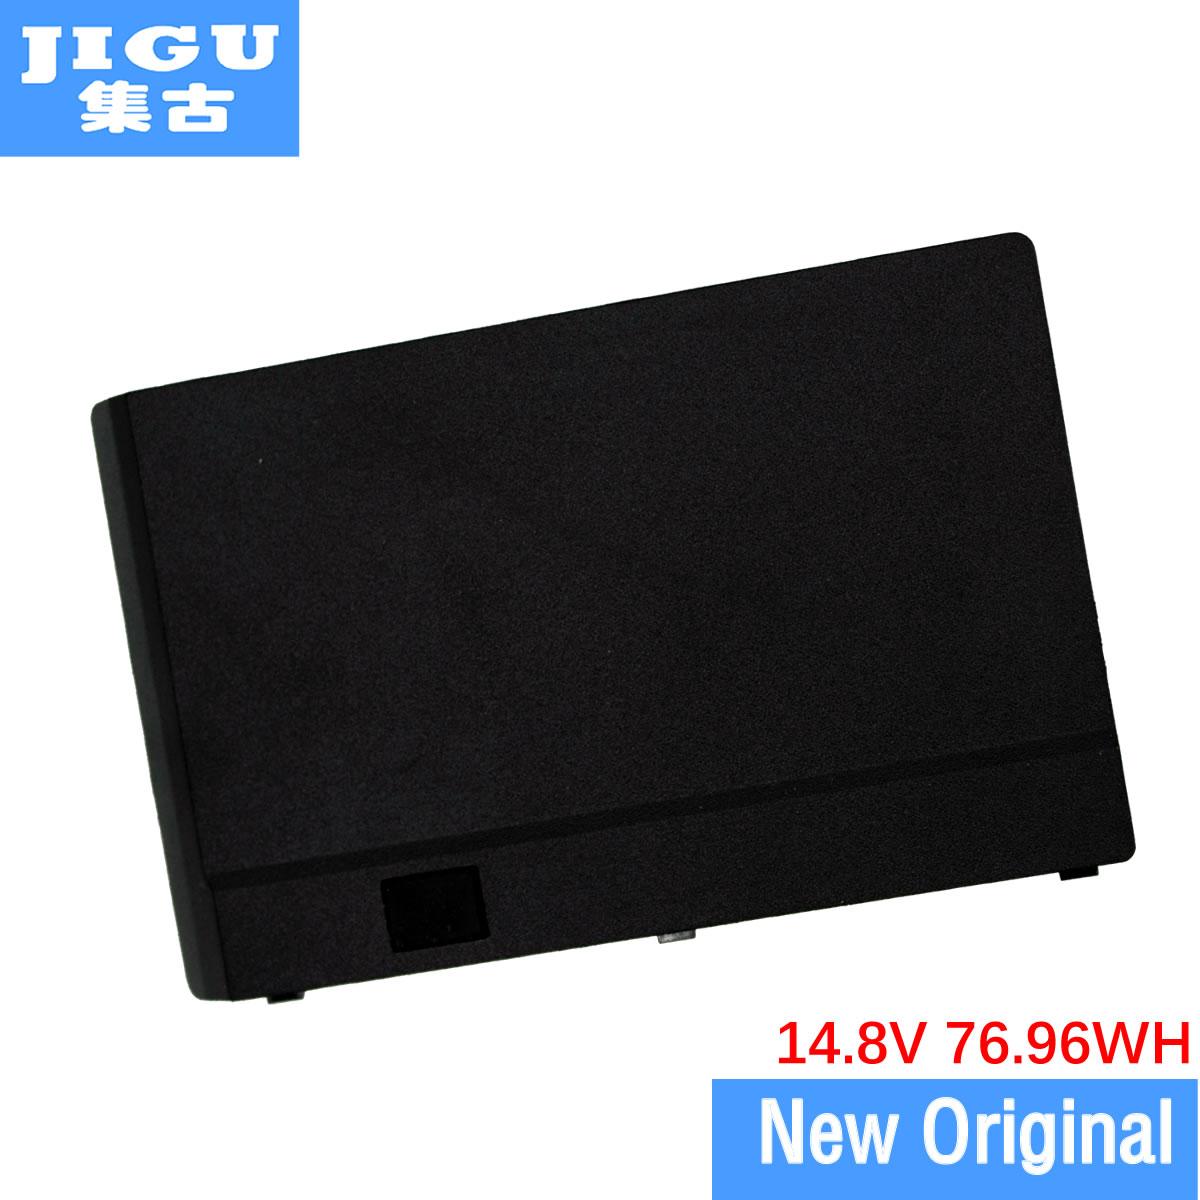 JIGU laptop battery 6-87-W370S-427 6-87-W370S-4271 FOR CLEVO K590S K790S NEXOC. G508II NP6350 NP6370 p370em W350ET W350ETQ original battery for n150bat 6 6 87 n150s 4u91 n150sd laptop battery li ion 11 1v 62wh